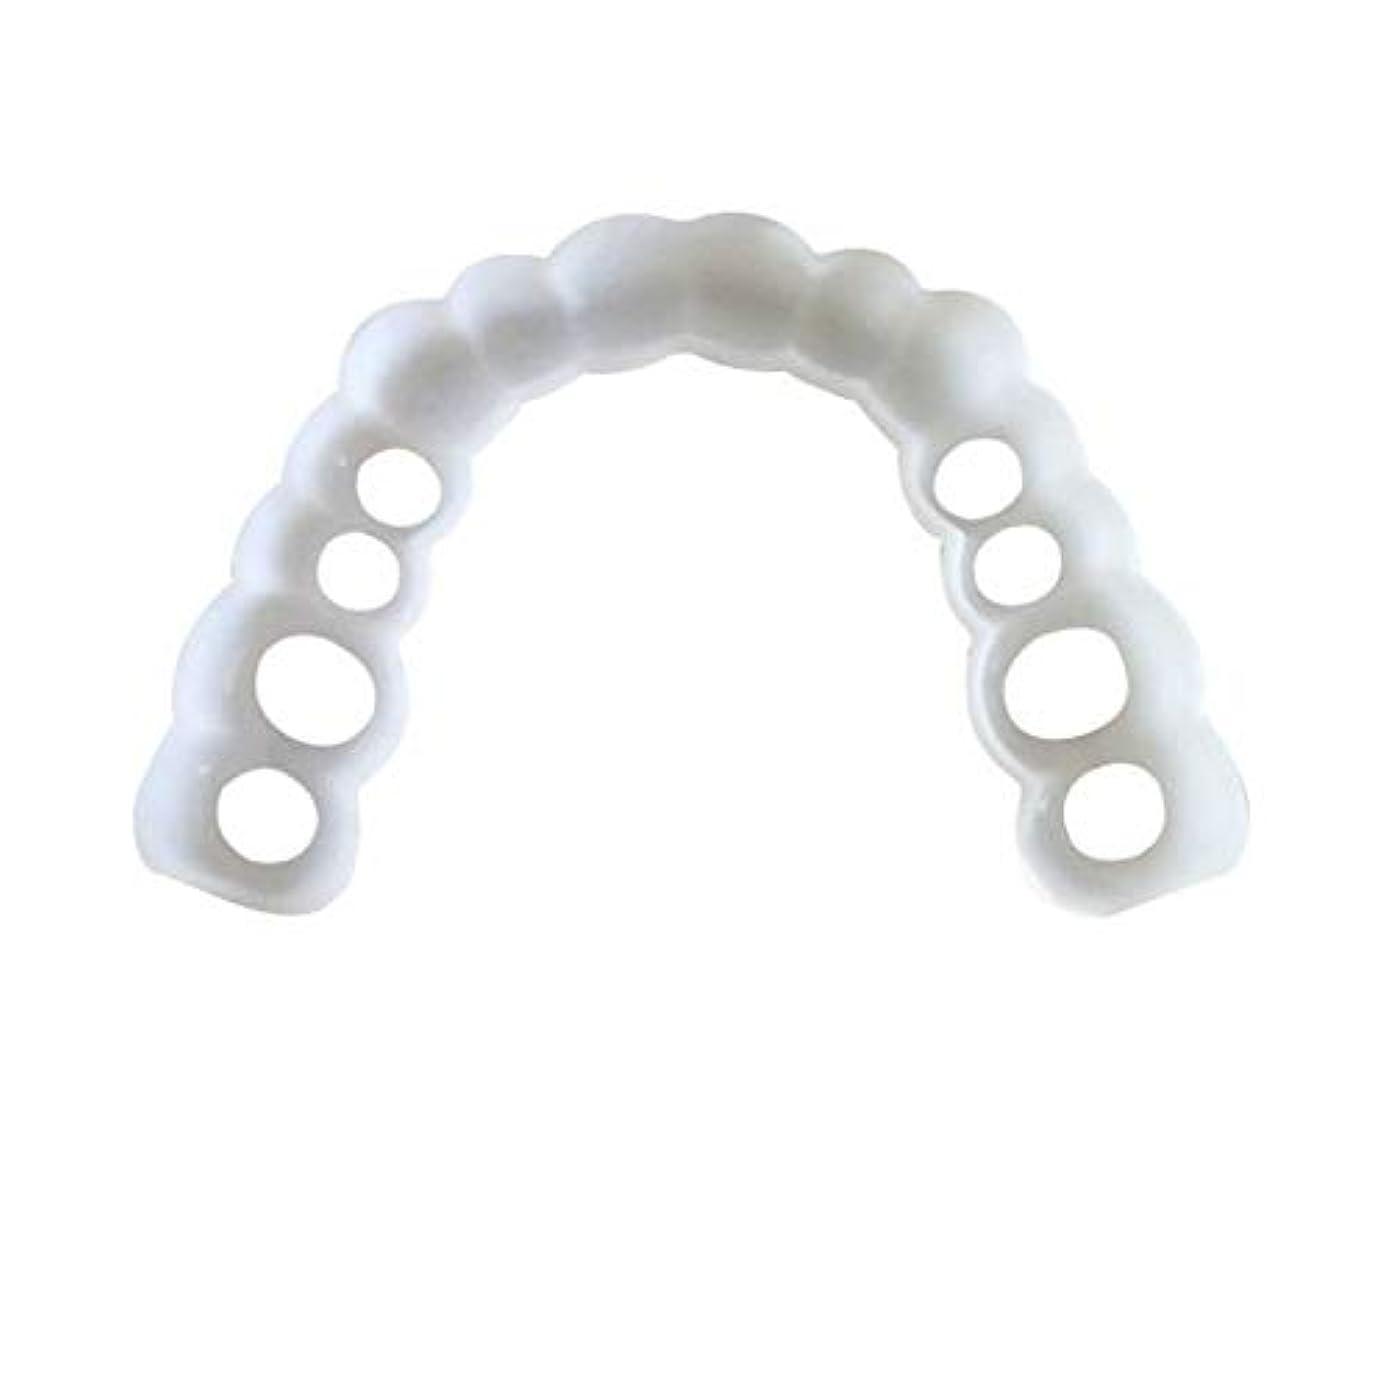 資金デイジー違法777/5000 1組の一時的な化粧品の歯義歯の歯の化粧品の模擬装具アッパーブレース+ロワーブレース、インスタント快適なフレックスパーフェクトベニア上の歯のスナップキャップ